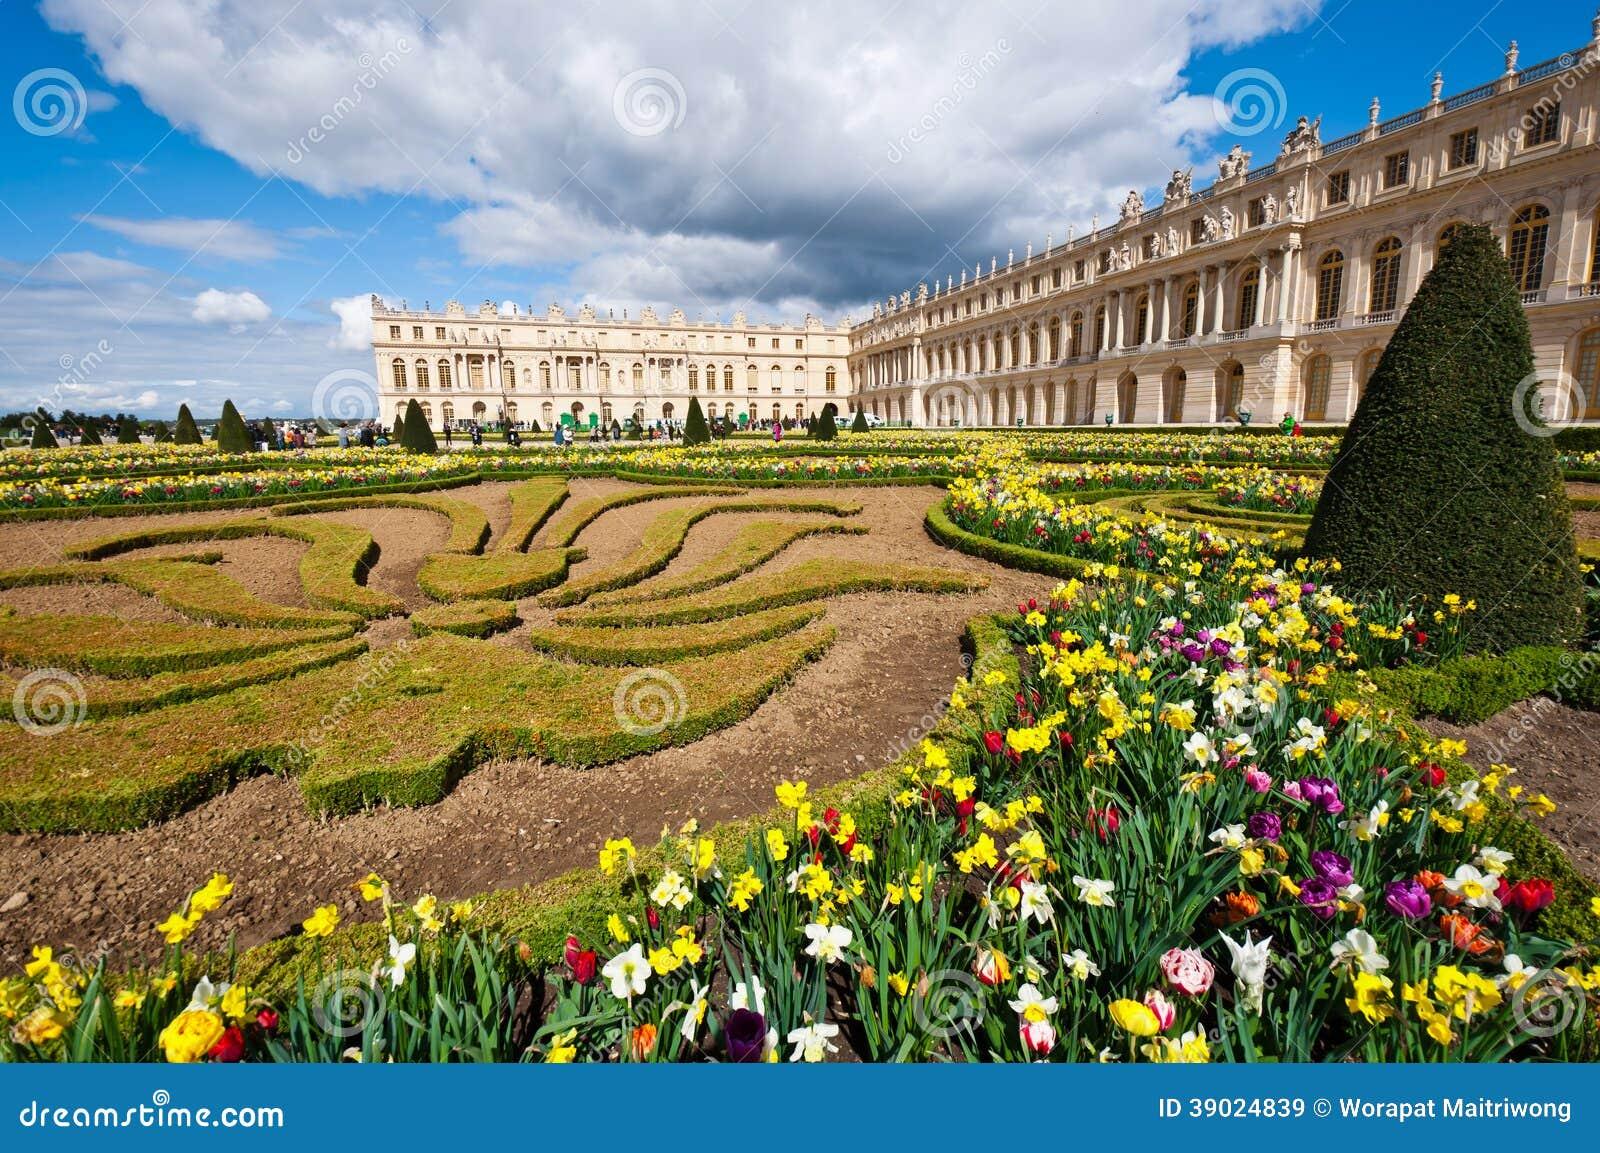 Paleis Van Versailles Tuin.Tuin Van Paleis Van Versailles Stock Afbeelding Afbeelding